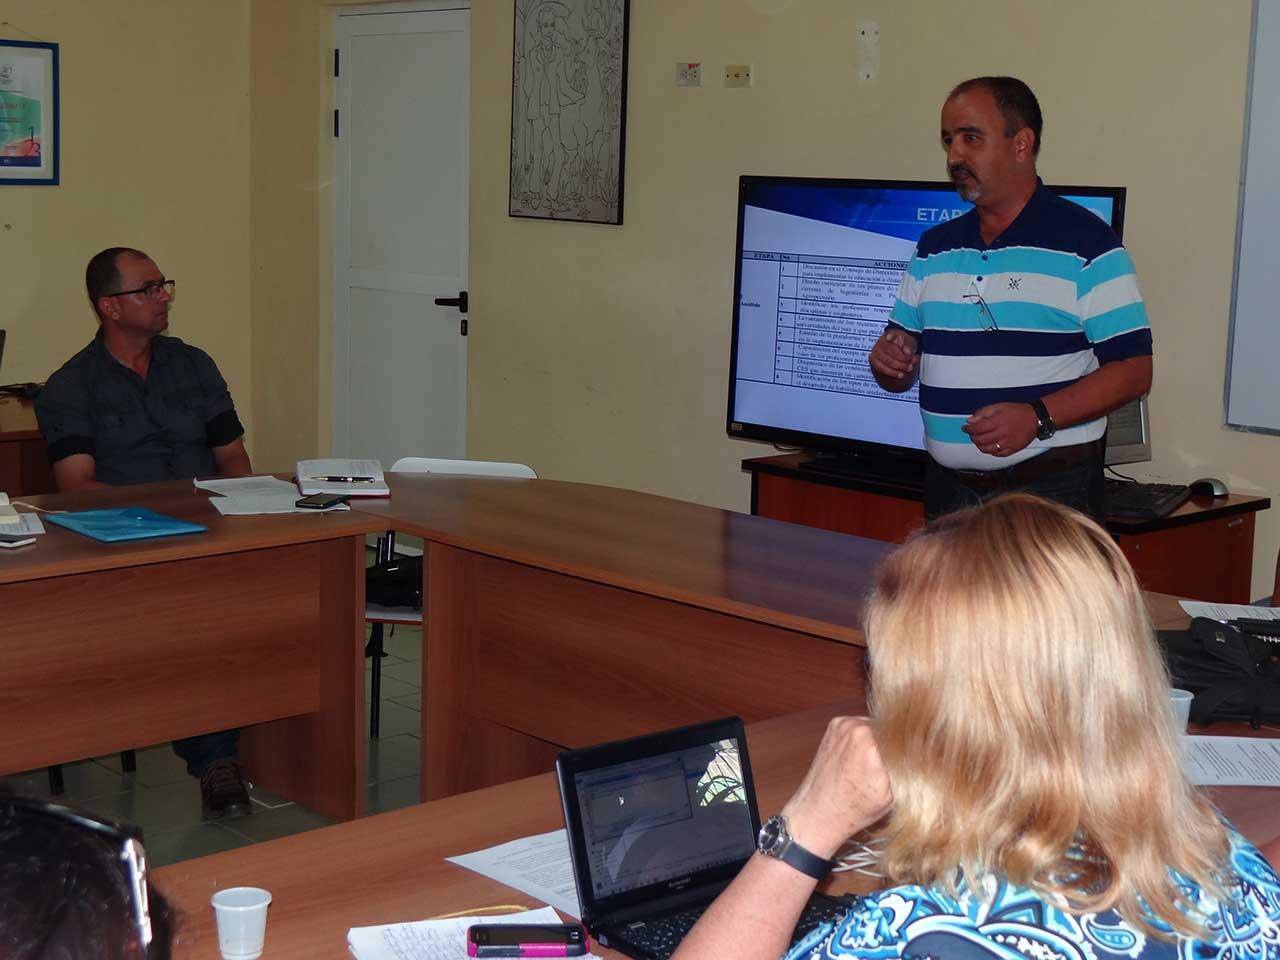 El Dr.C. Alexis Torres Alonso, investigador del Centro de Educación a Distancia de la Unah, explicó la experiencia estratégica de implementación del Modelo de ED.